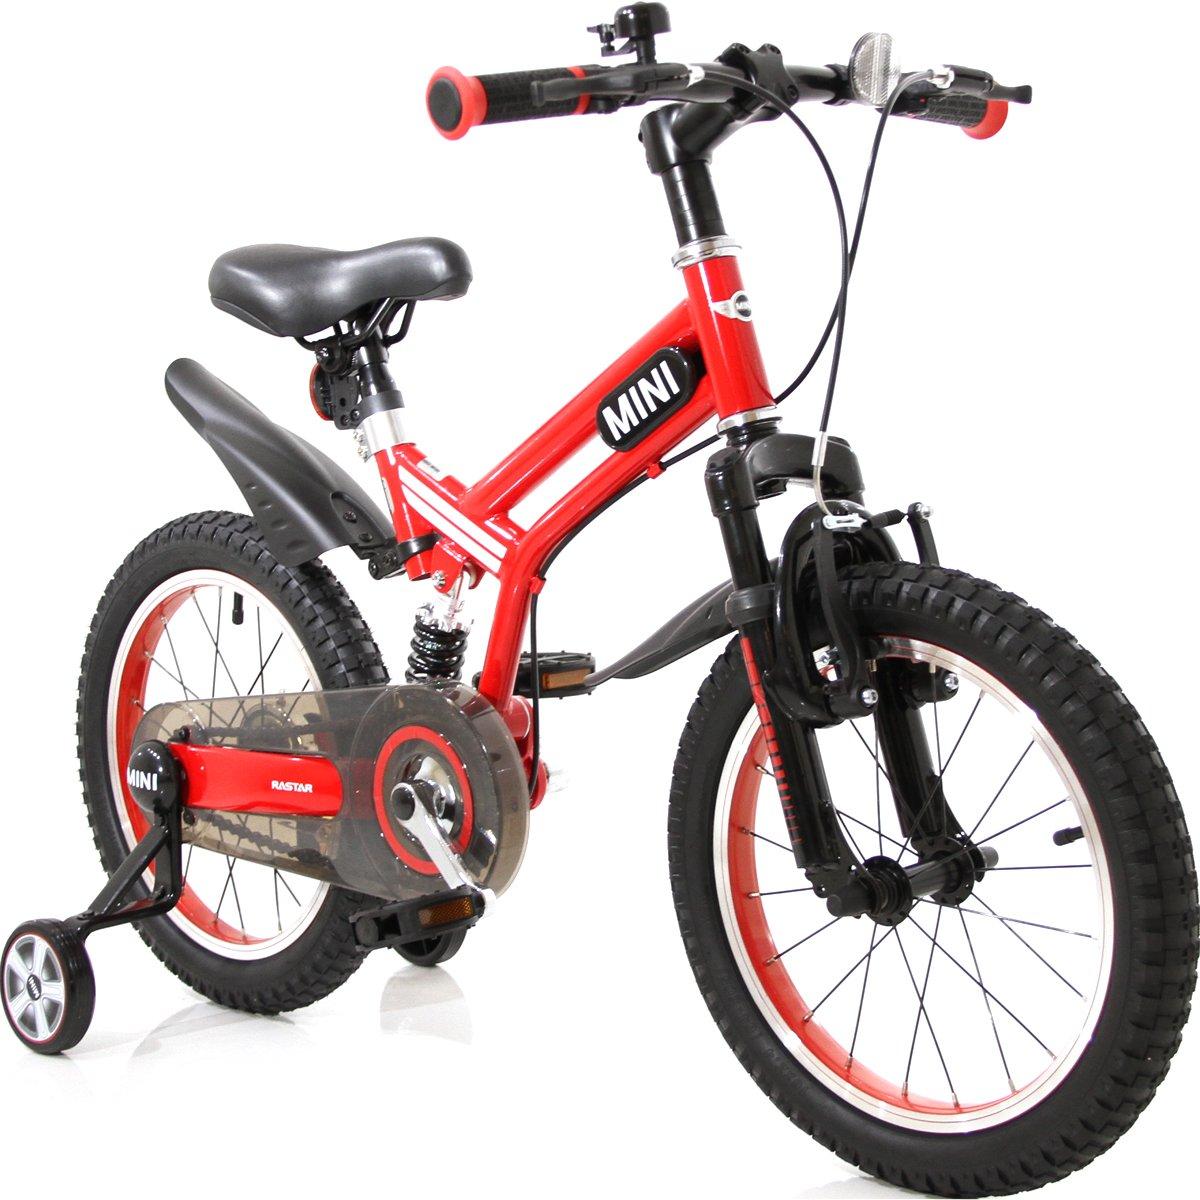 自転車 補助輪付き マウンテンバイク MINI ミニ KIDS BIKE 16インチ 練習用自転車 MTB 足けり自転車 B07D8KCYQZ レッド レッド